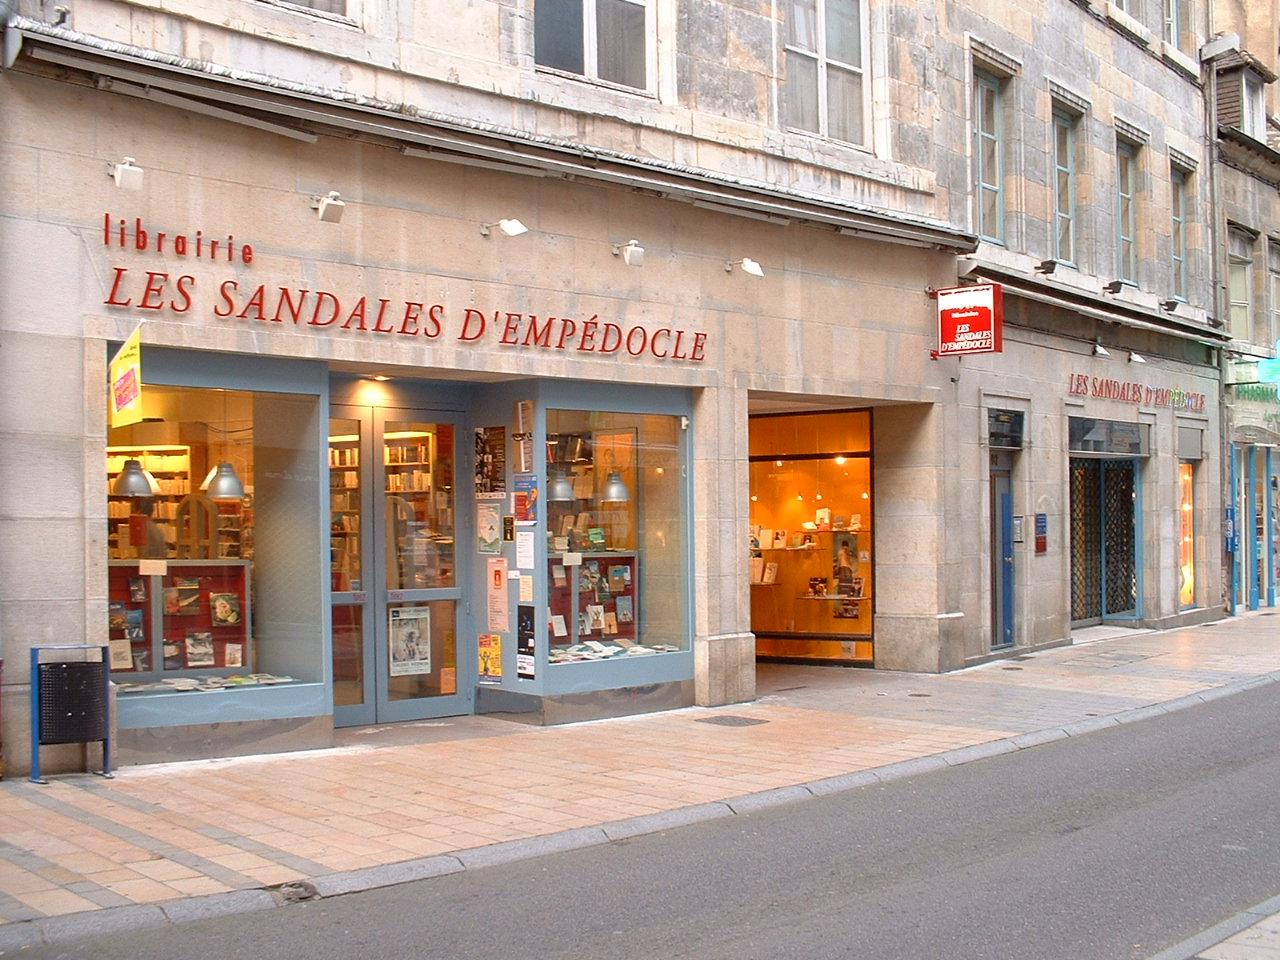 LES SANDALES D'EMPÉDOCLE